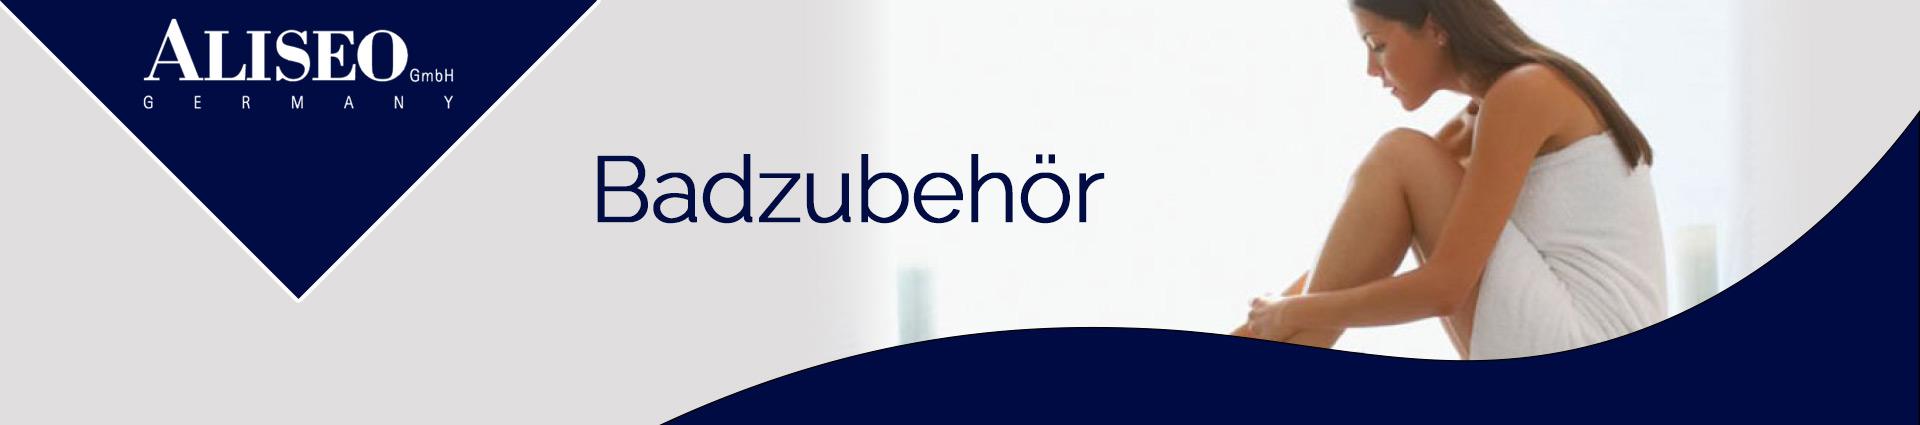 Aliseo Badezubehör Banner